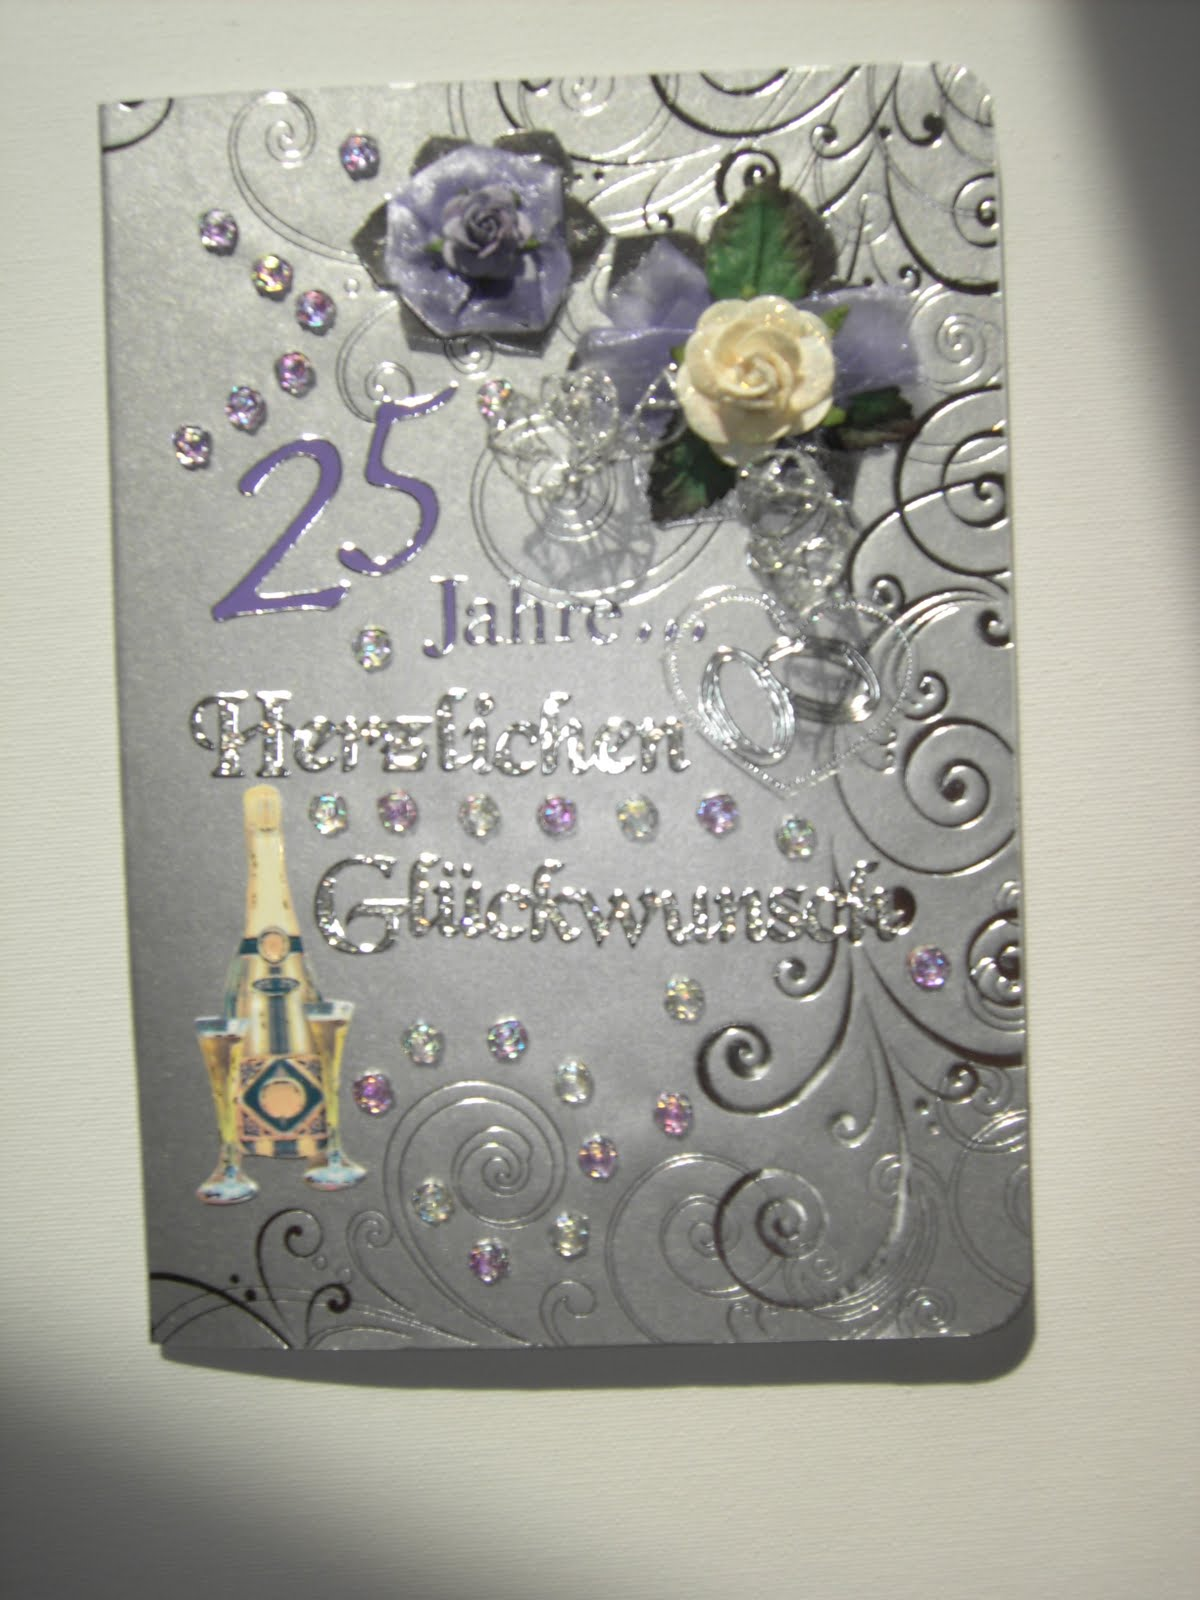 handgemacht-von-renate: 25 Jahre Eheleben - Glückwunsch